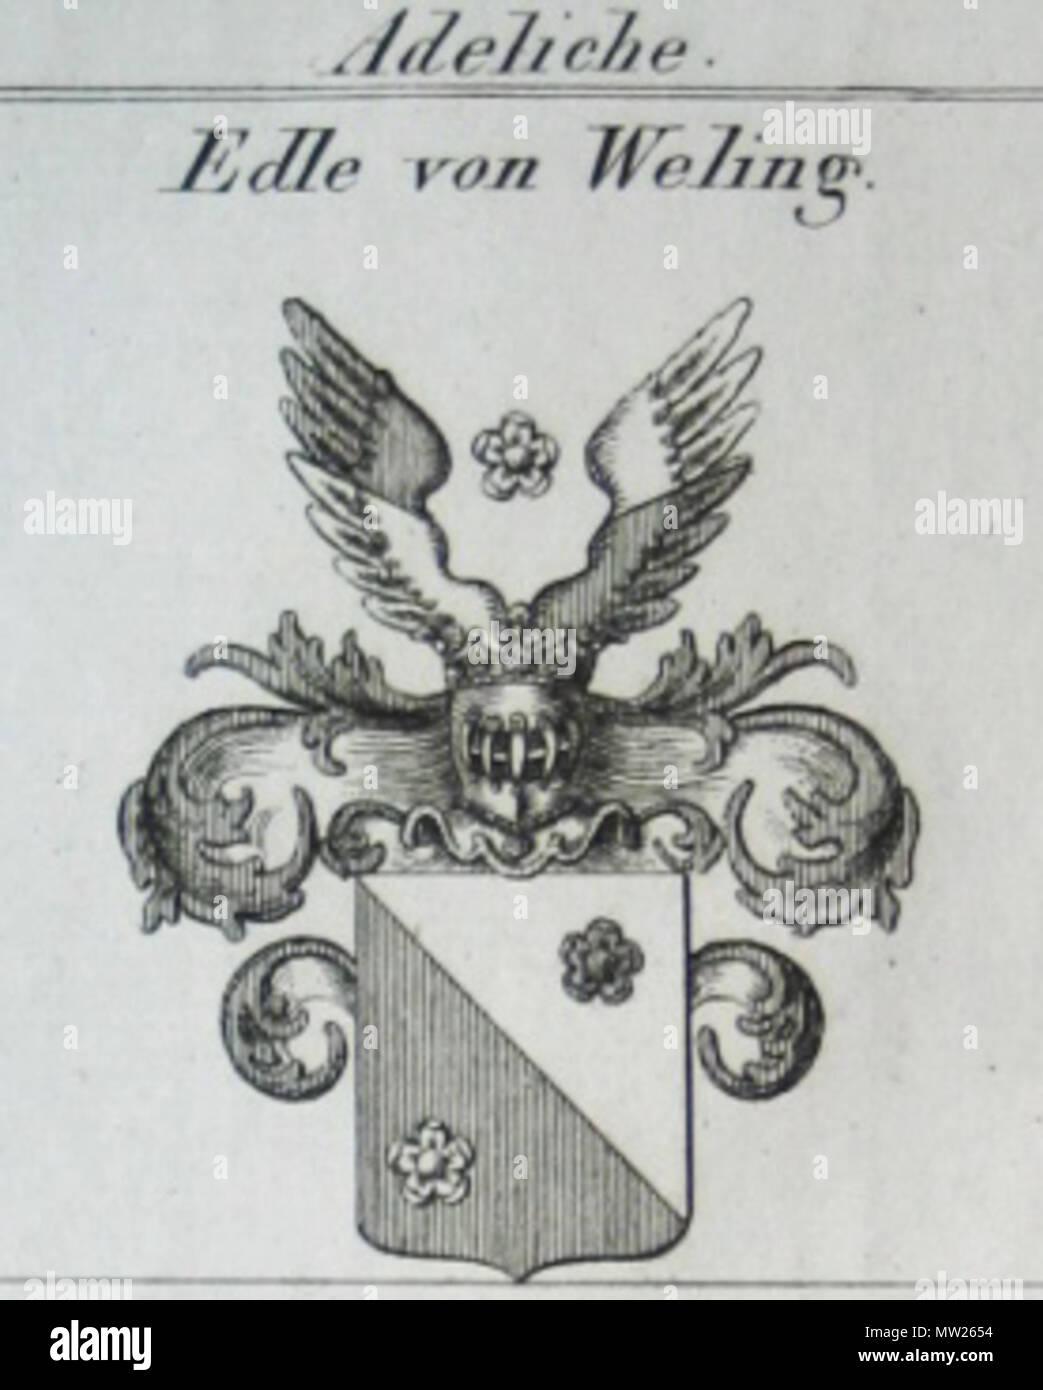 . Deutsch: Wappen der bayerischen Adelsfamilie der Edlen von Weling, nobilitiert 1816, ausgestorben 1872 . 23 November 2009, 12:01:51. zeitgenössischer Stecher, um 1820 177 Edle von Weling - Stock Image